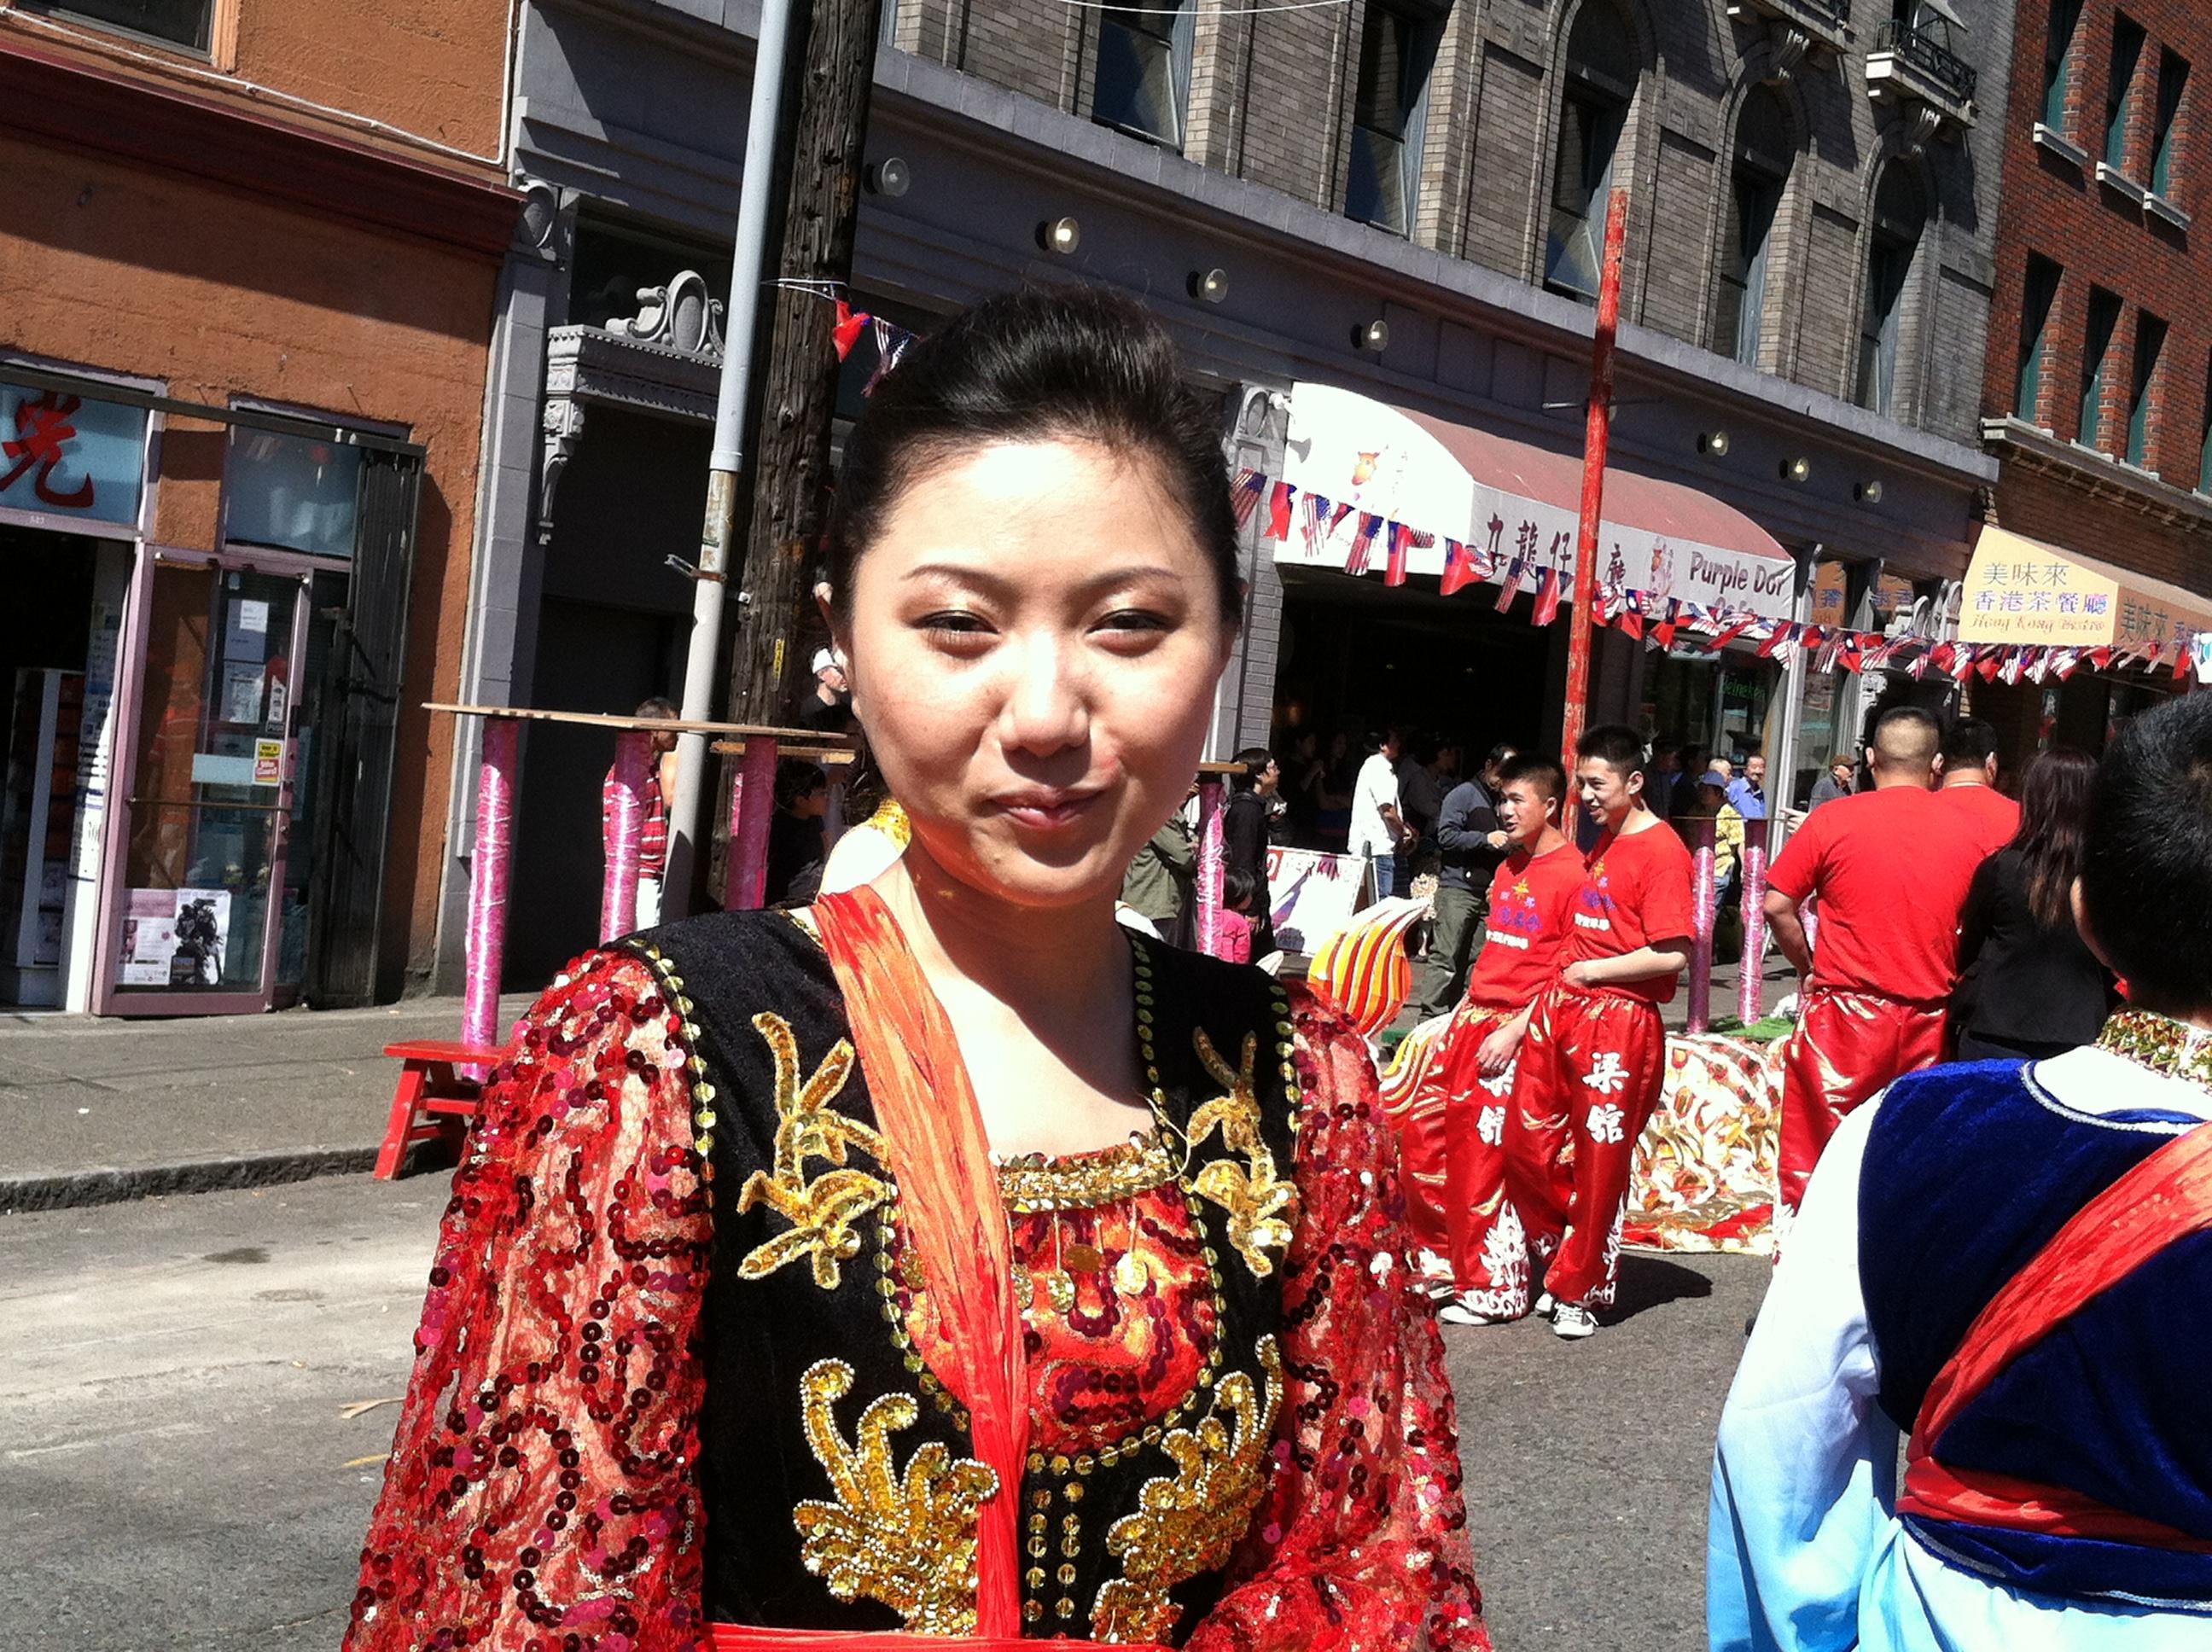 2012 Chinatown Seafair Parade Image 213